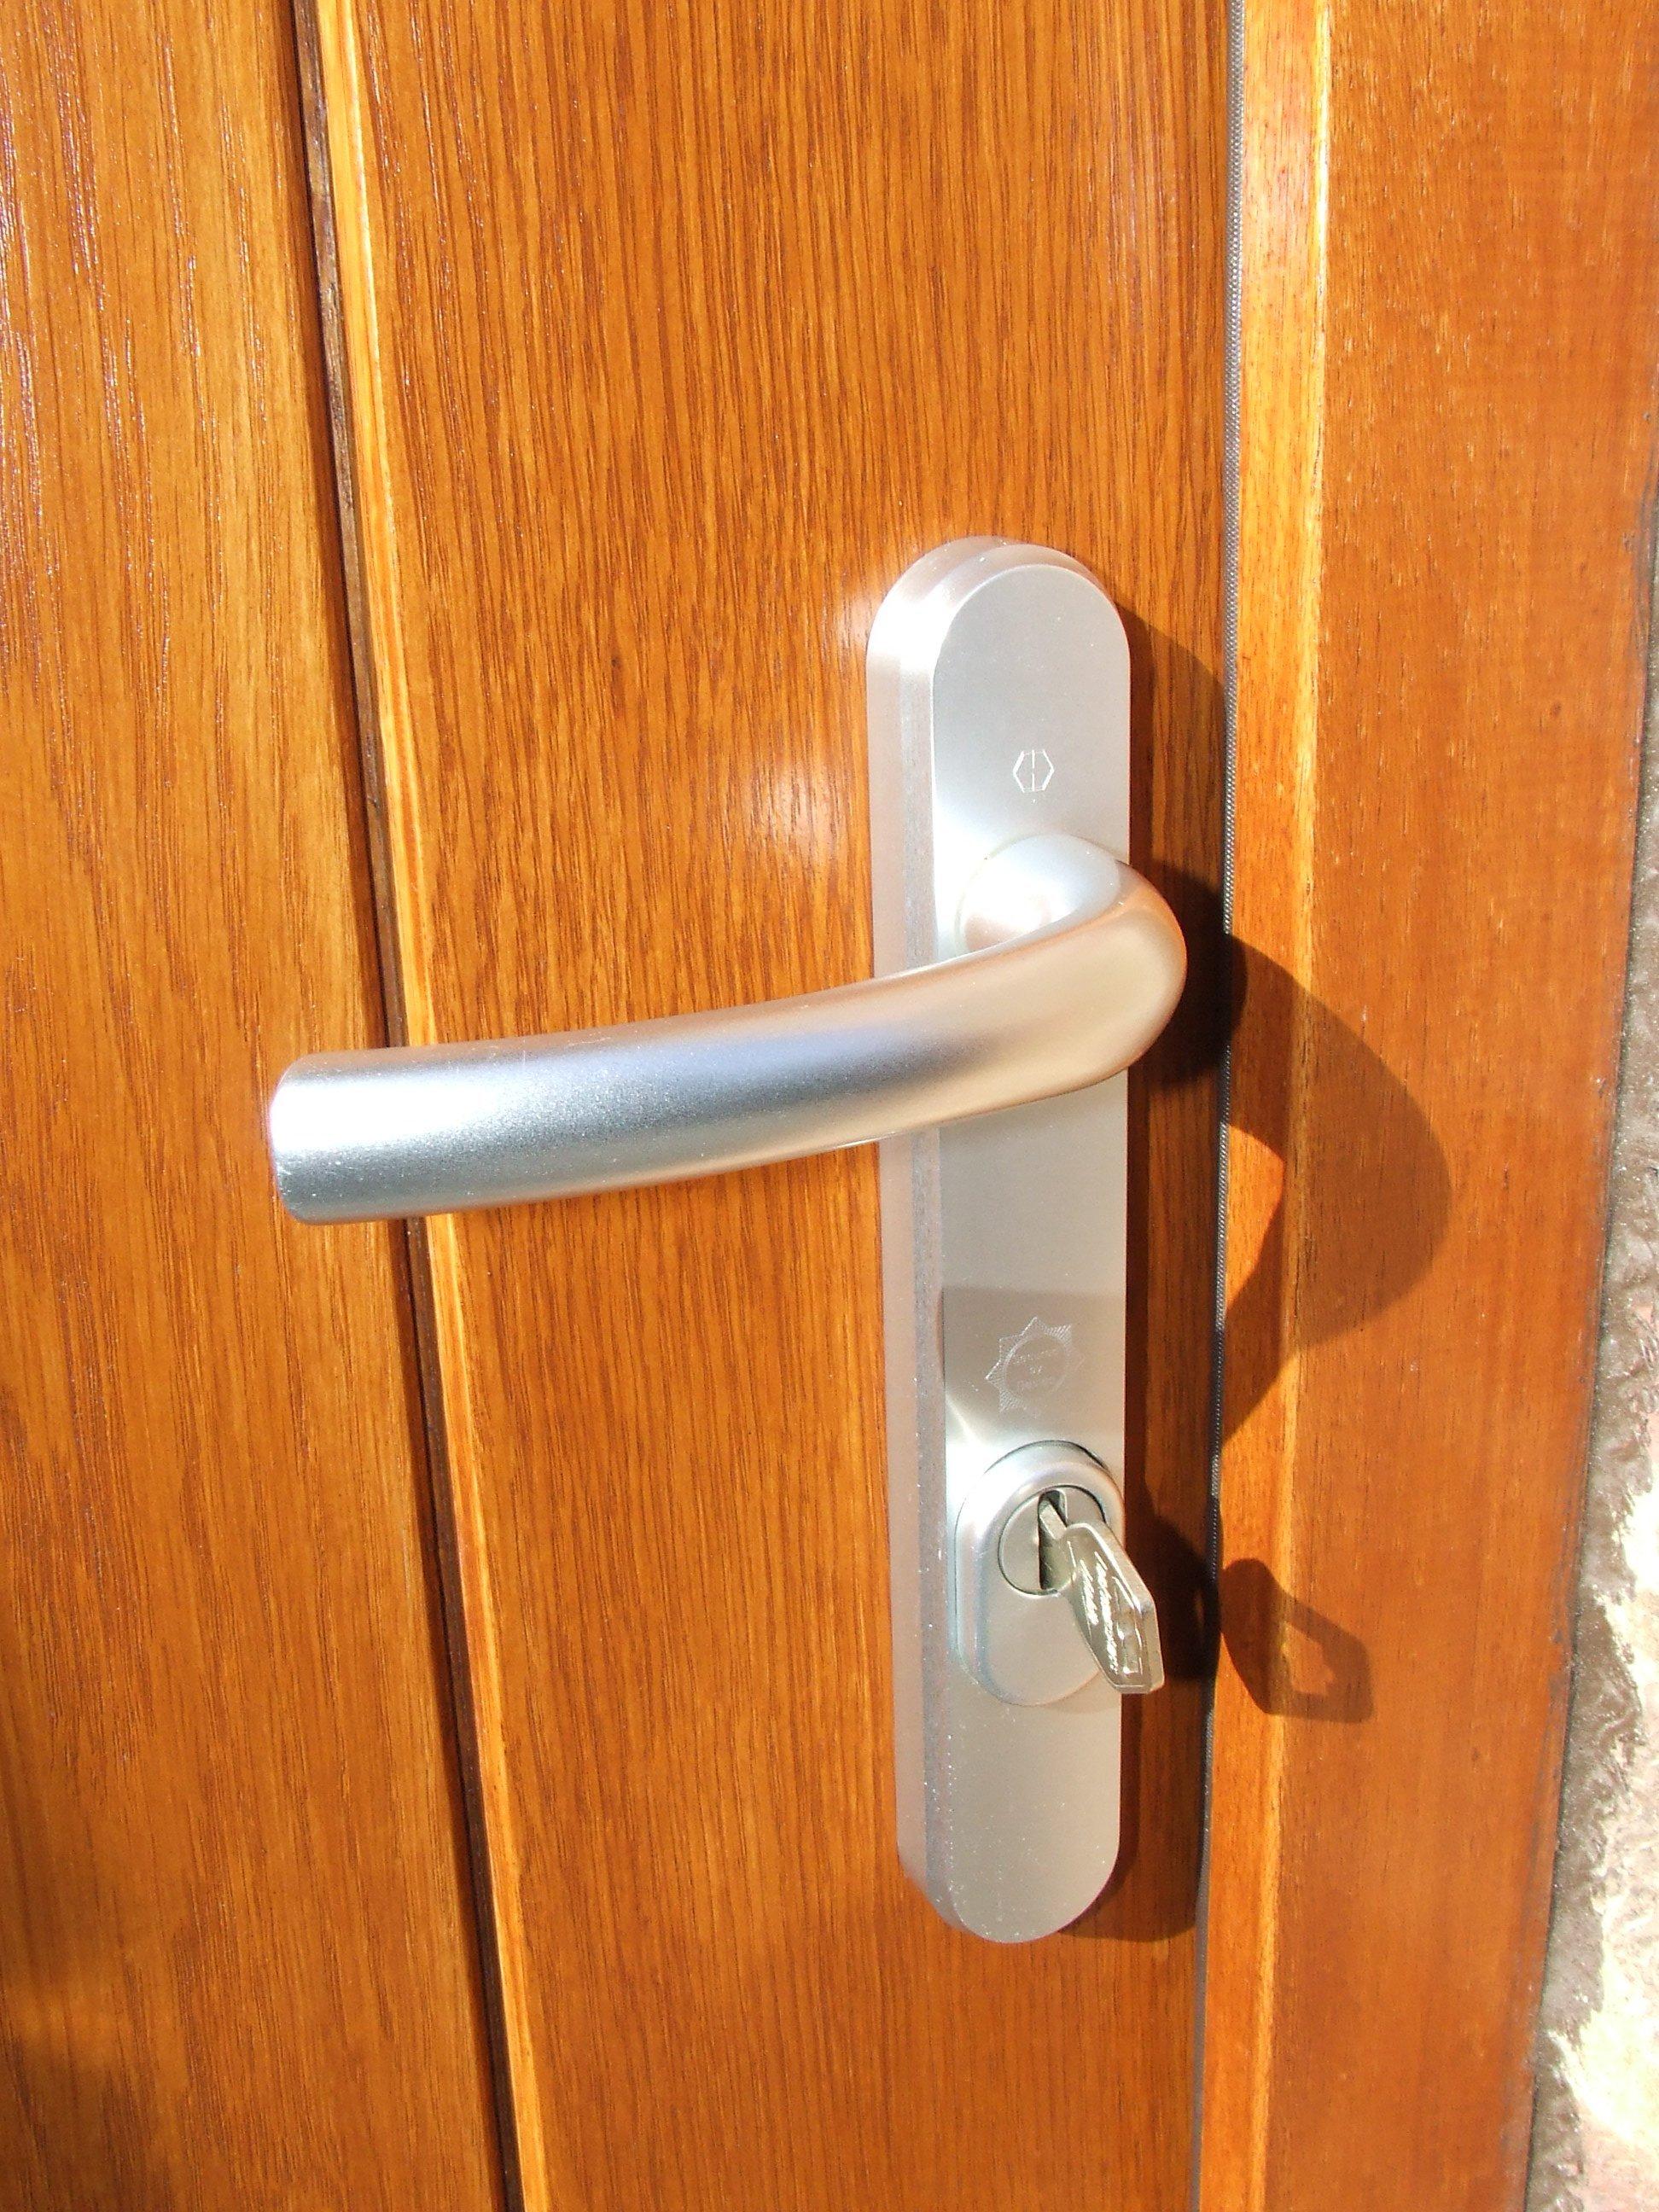 uPVC door lock repair